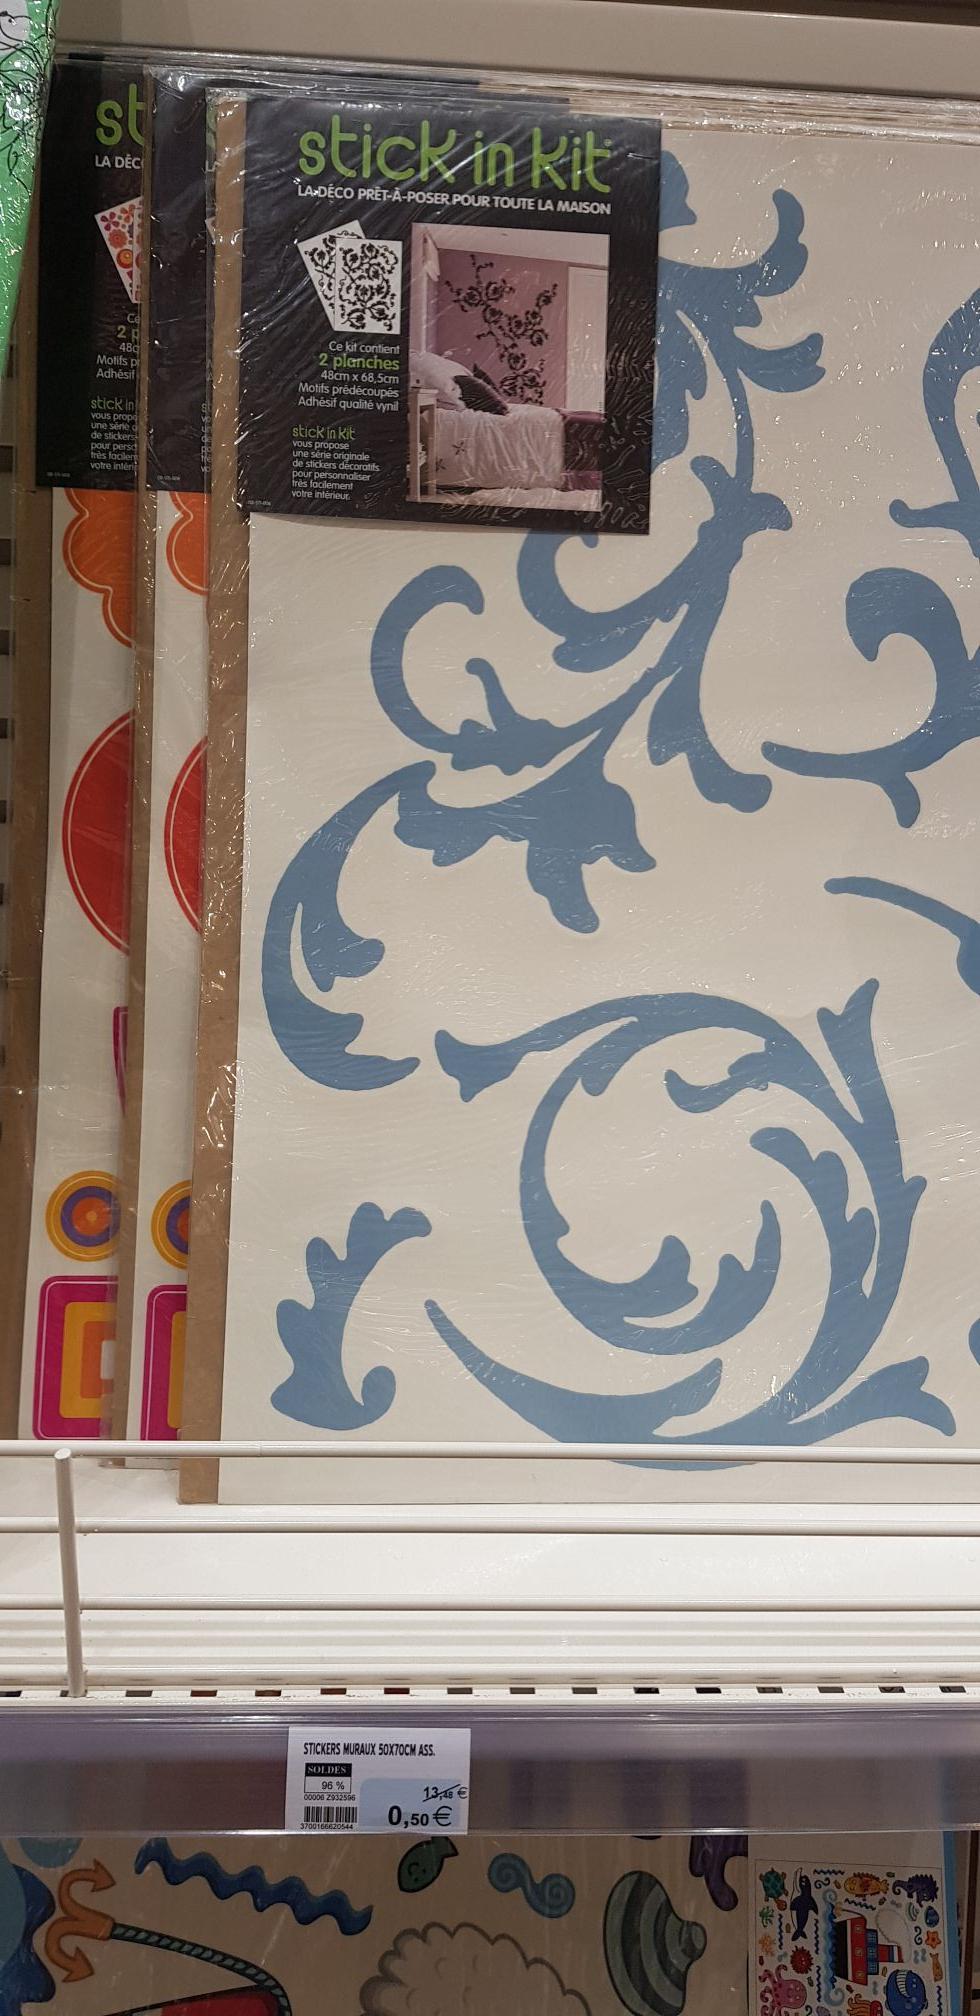 Kit de Stickers muraux - 2x50x70 - SuperU de L'Arbresle (69)